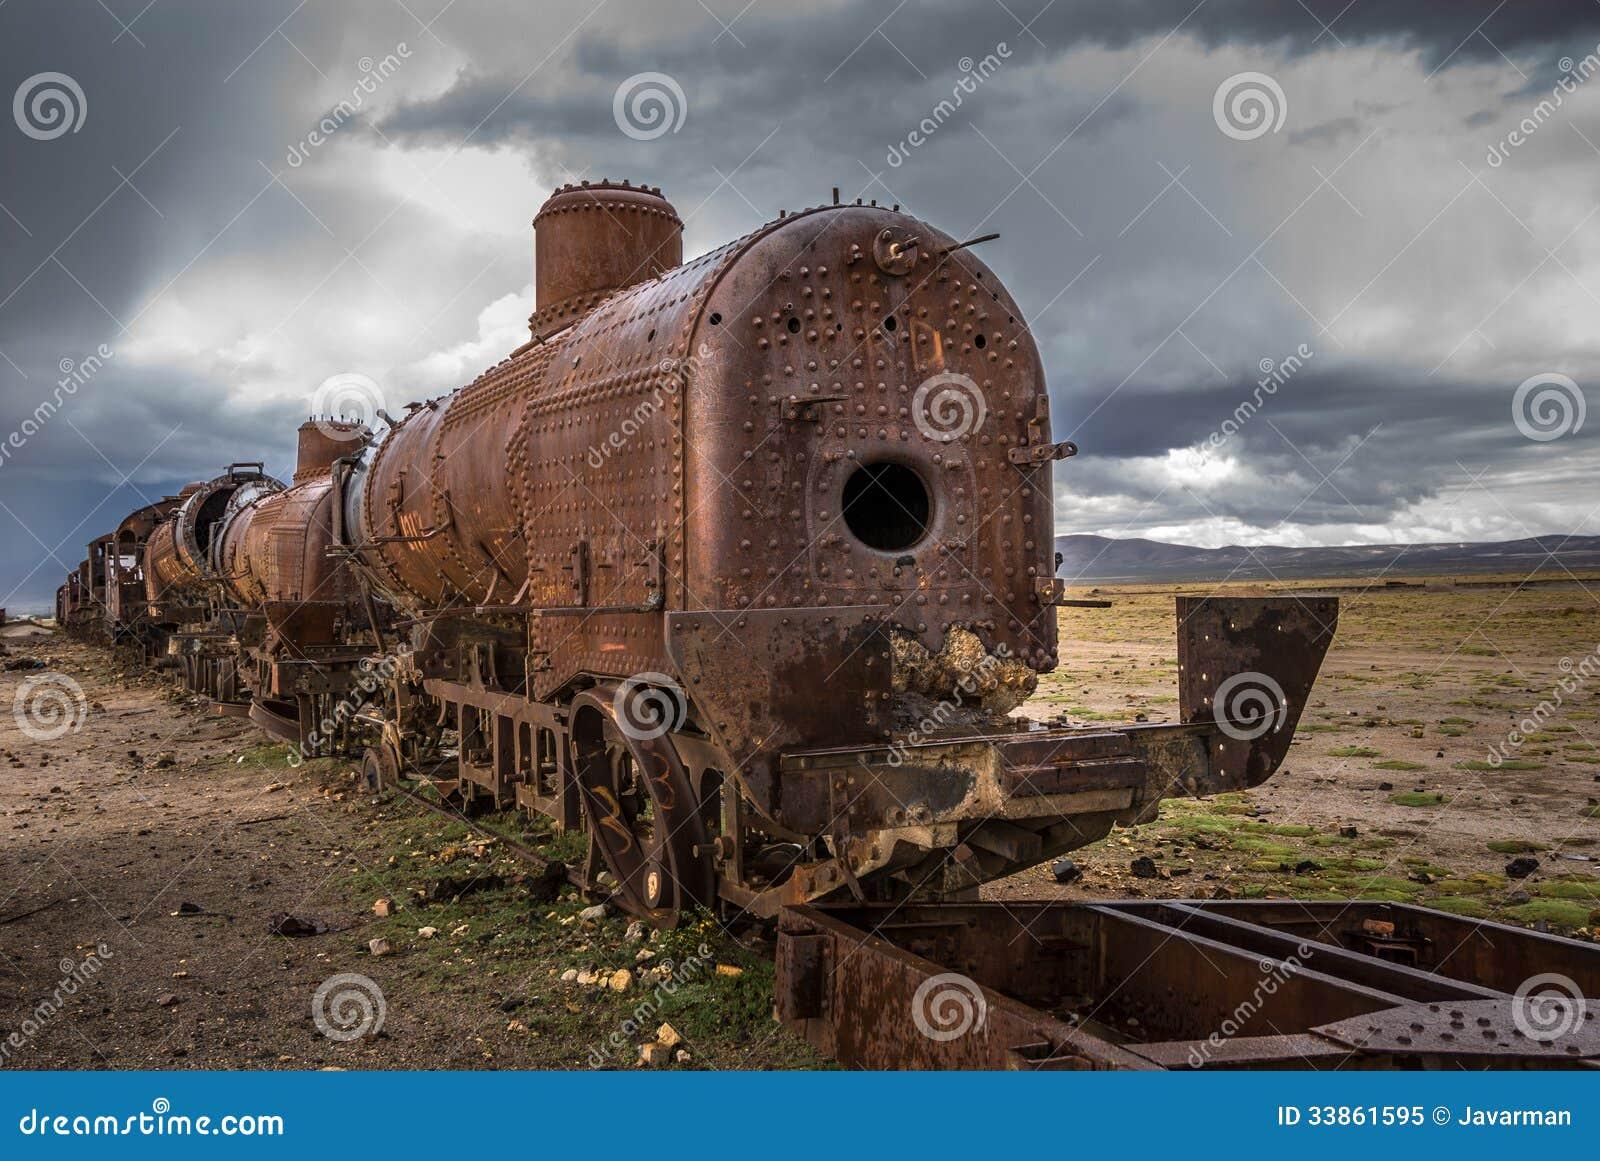 Cementerio del tren, Uyuni, Bolivia